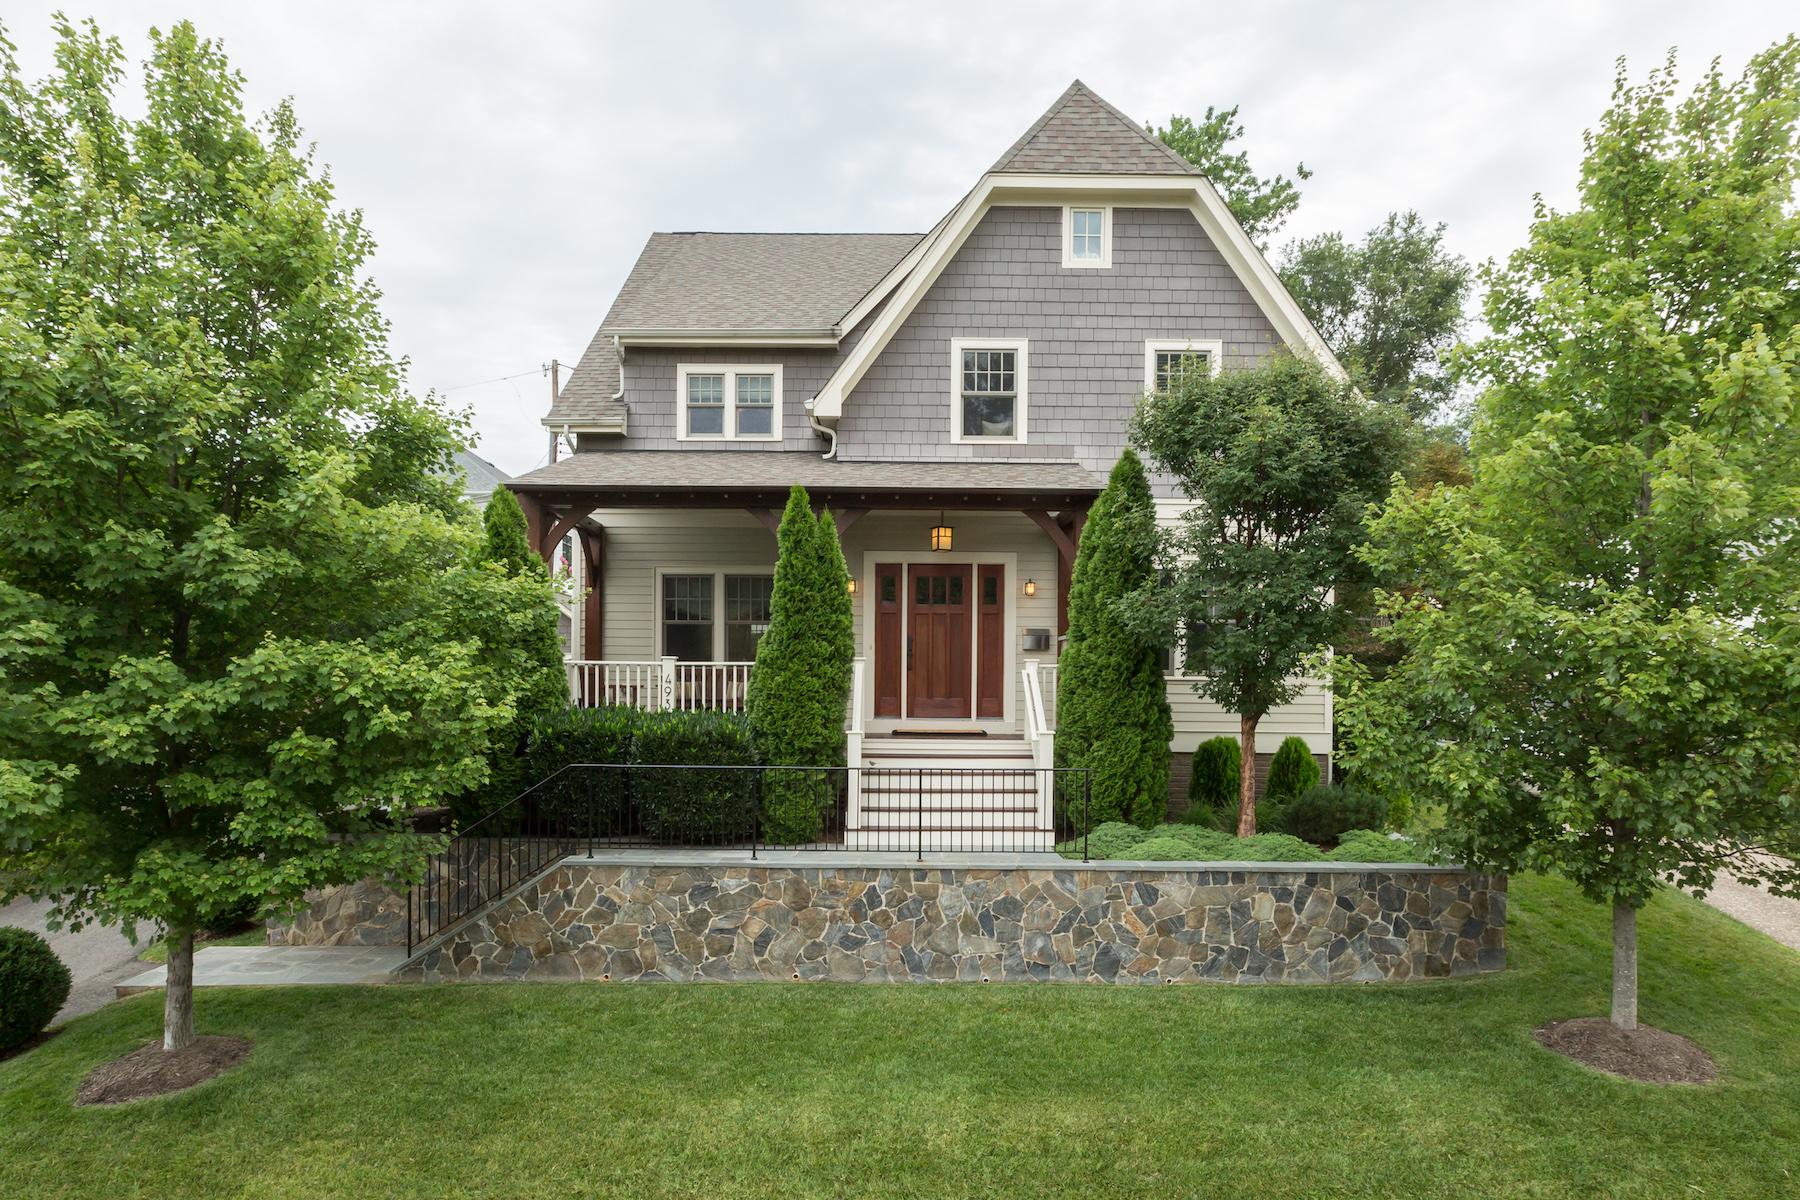 Maison unifamiliale pour l Vente à 4931 33rd Road N, Arlington Arlington, Virginia, 22207 États-Unis